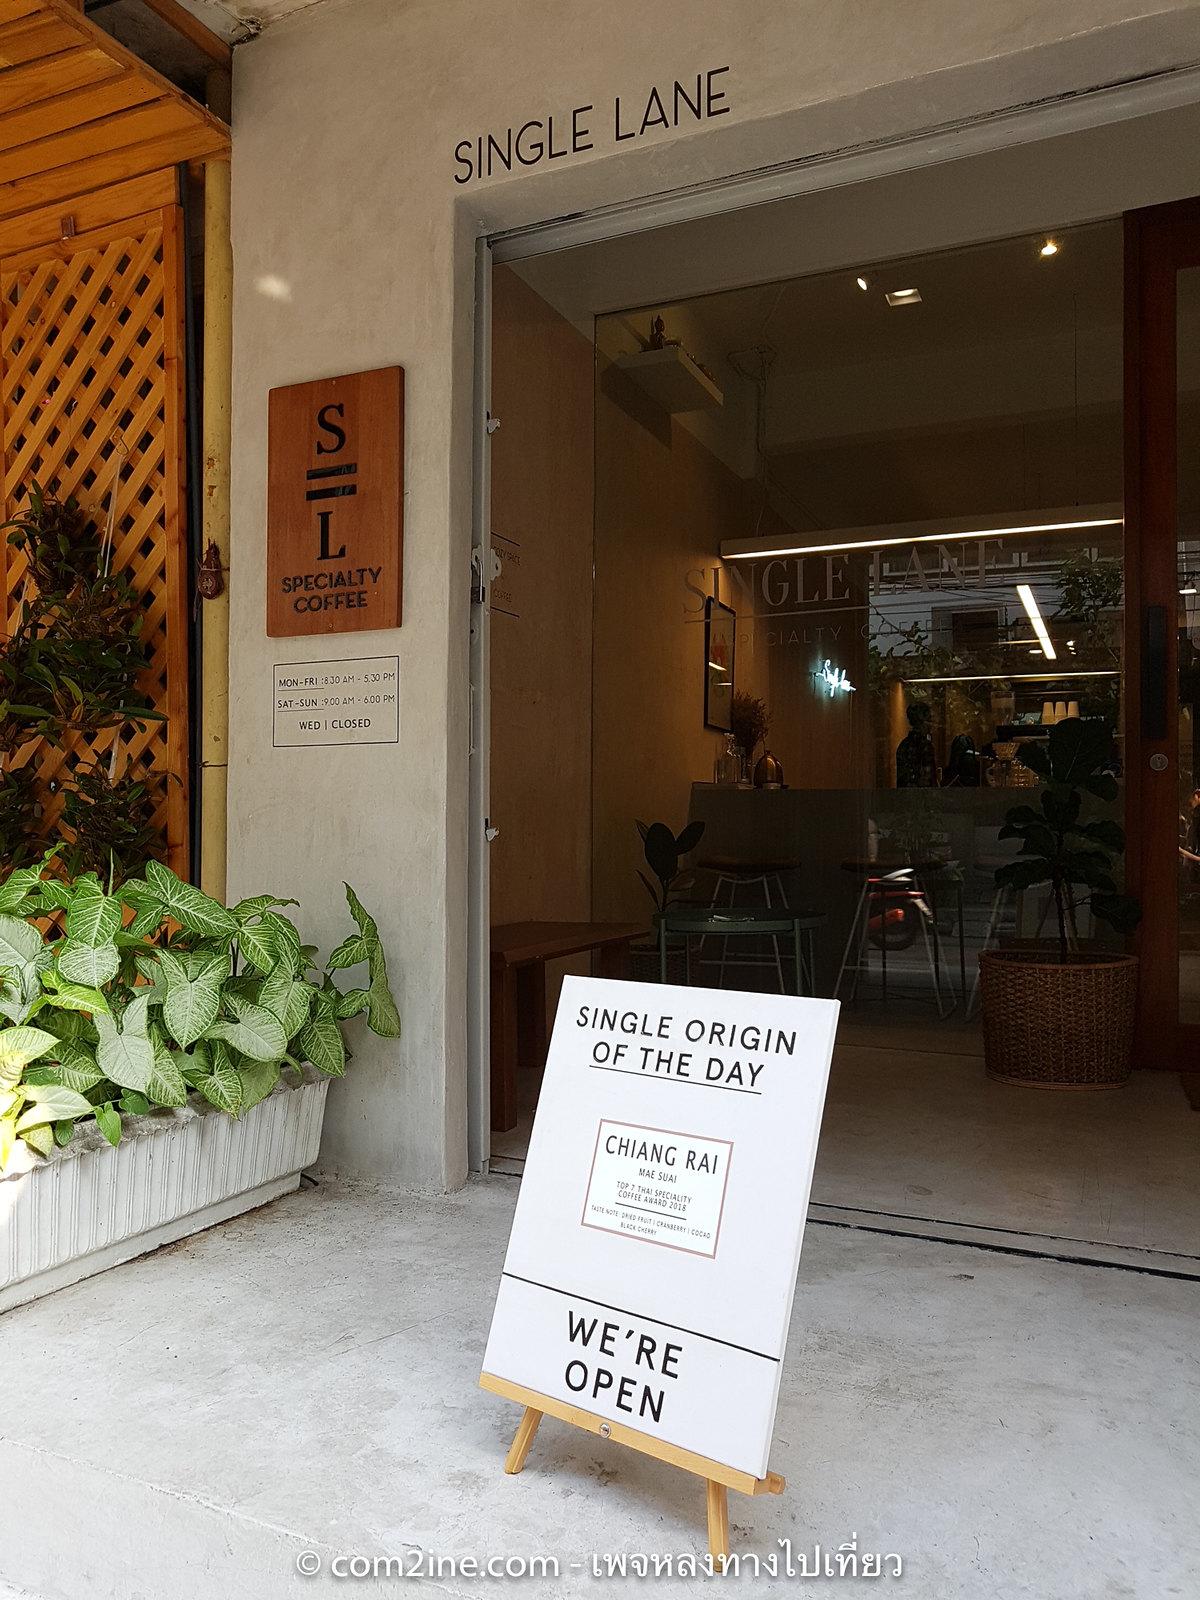 หน้าร้าน SINGLE LANE Specialty Coffee